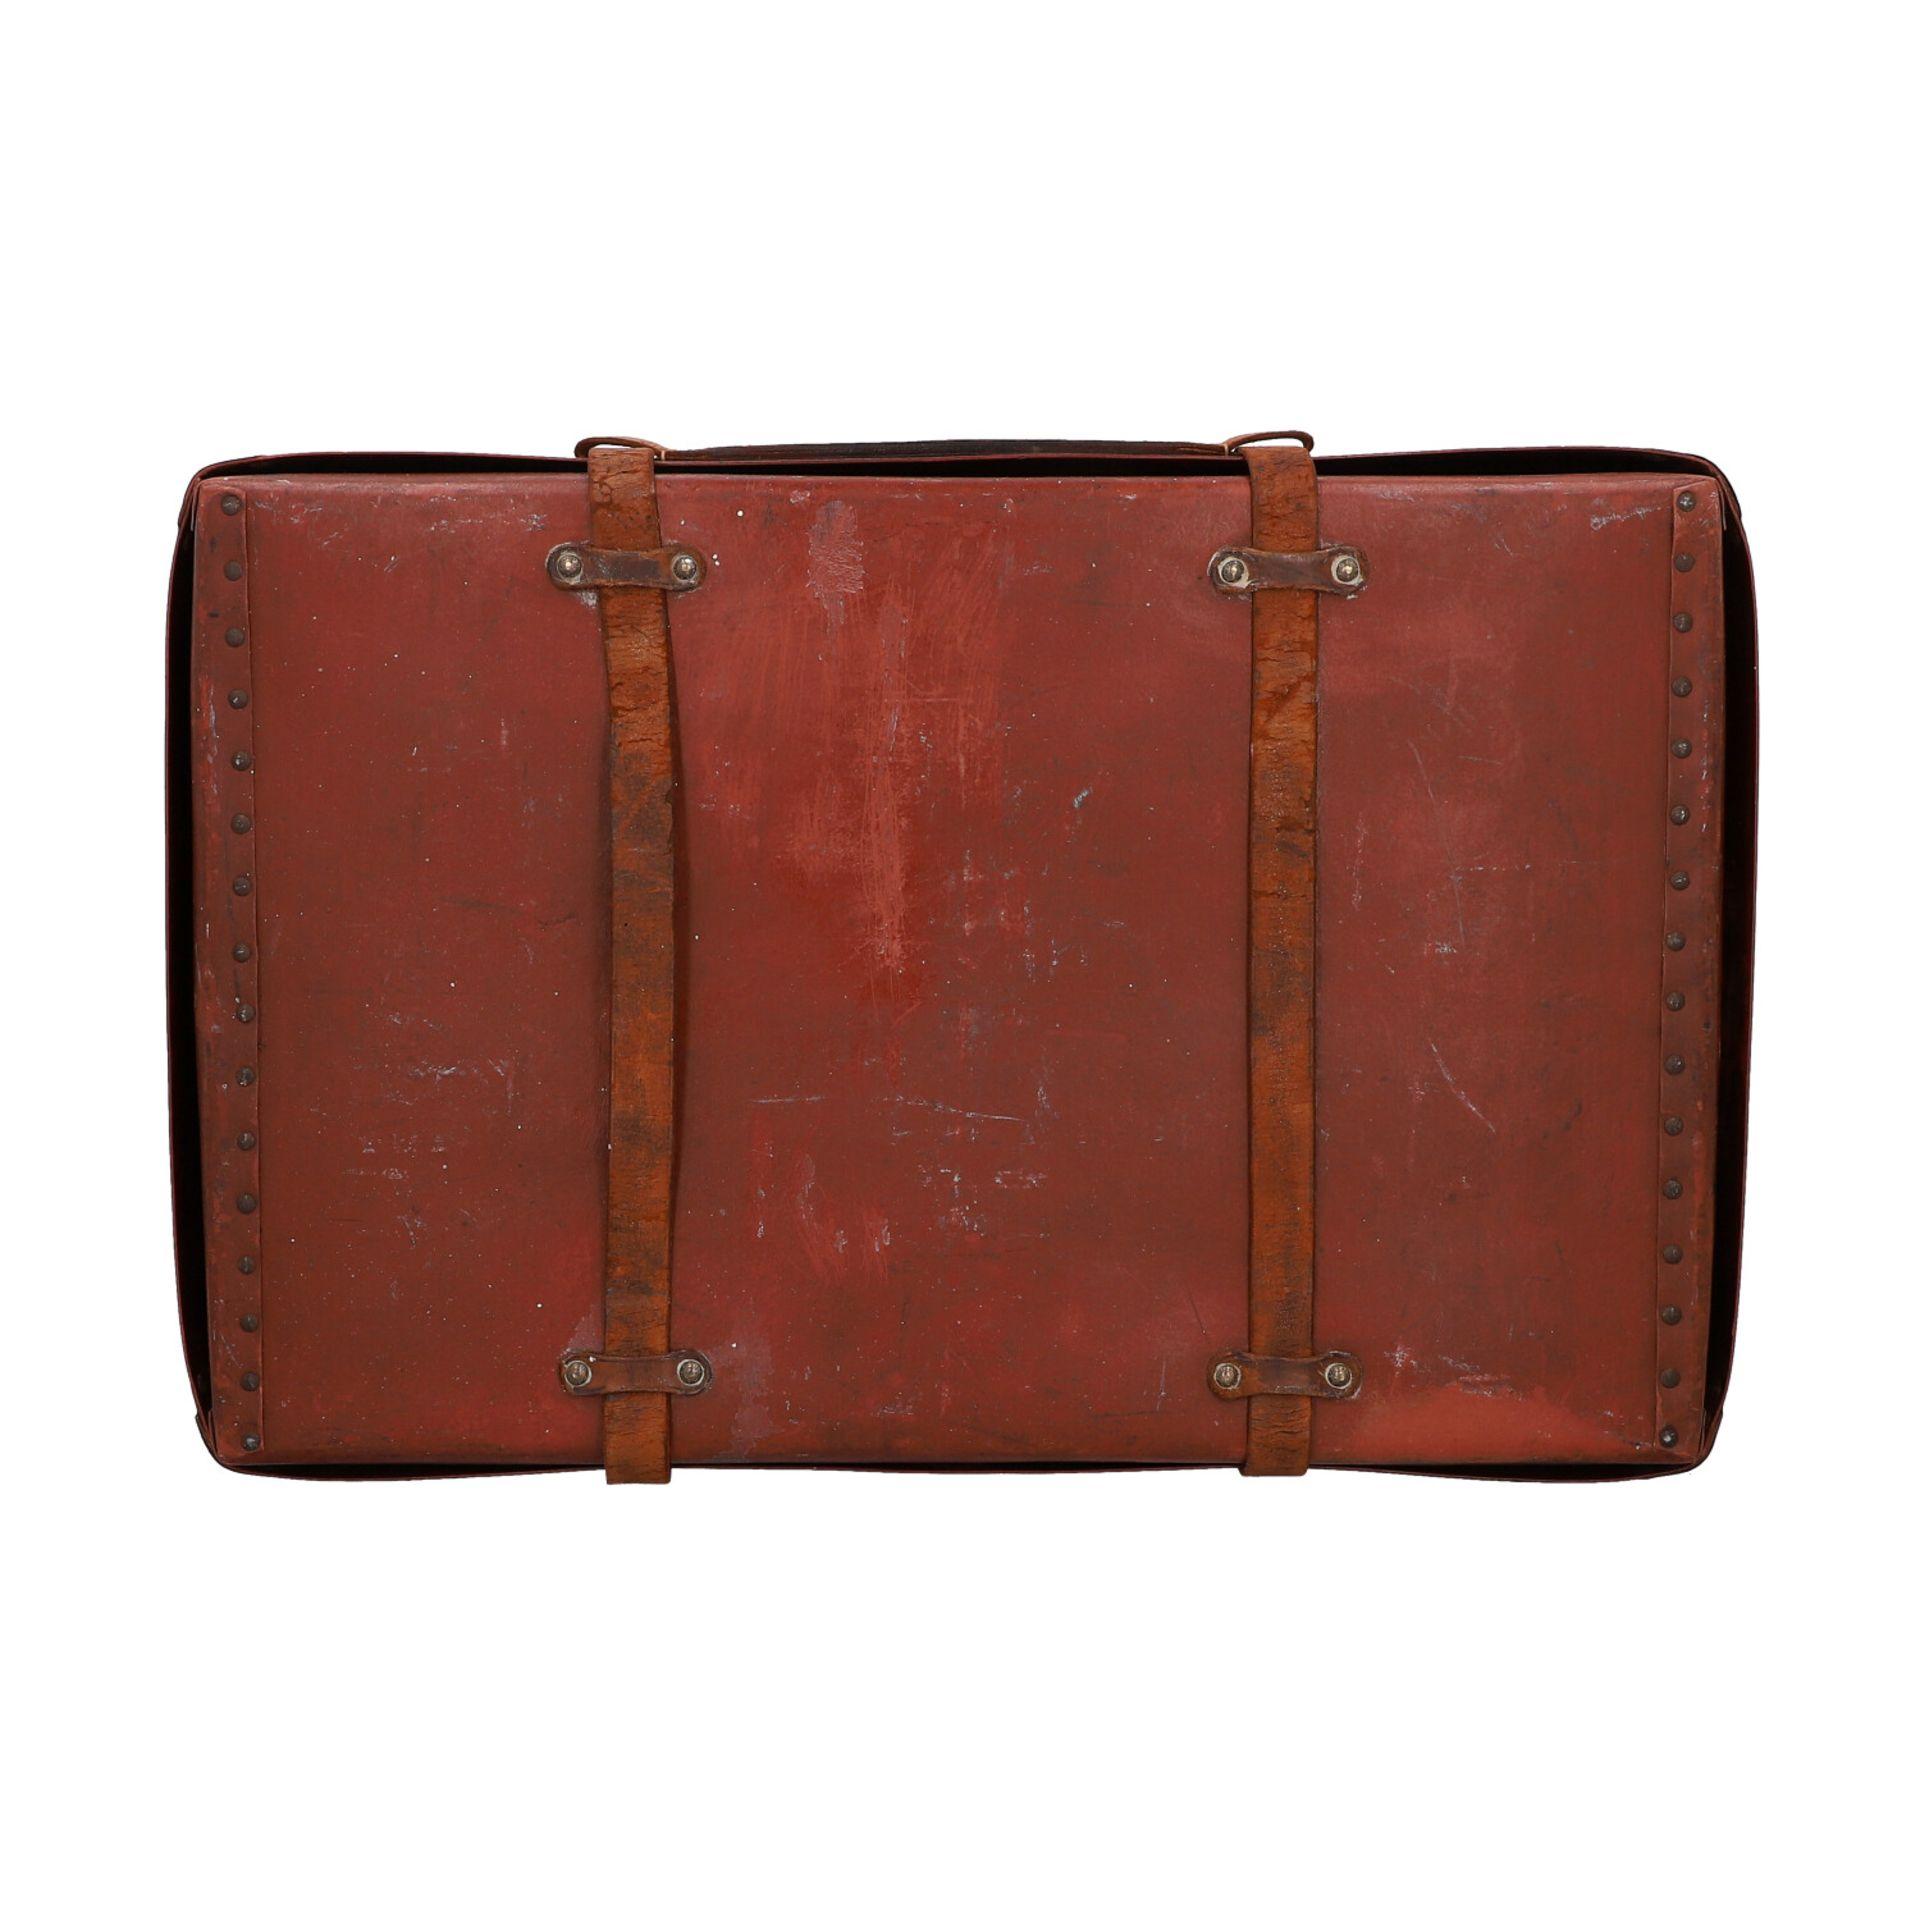 LOUIS VUITTON ANTIKER Reisekoffer, um 1900. Rarität - Sammlerstück! Mit eingravierte - Image 4 of 6